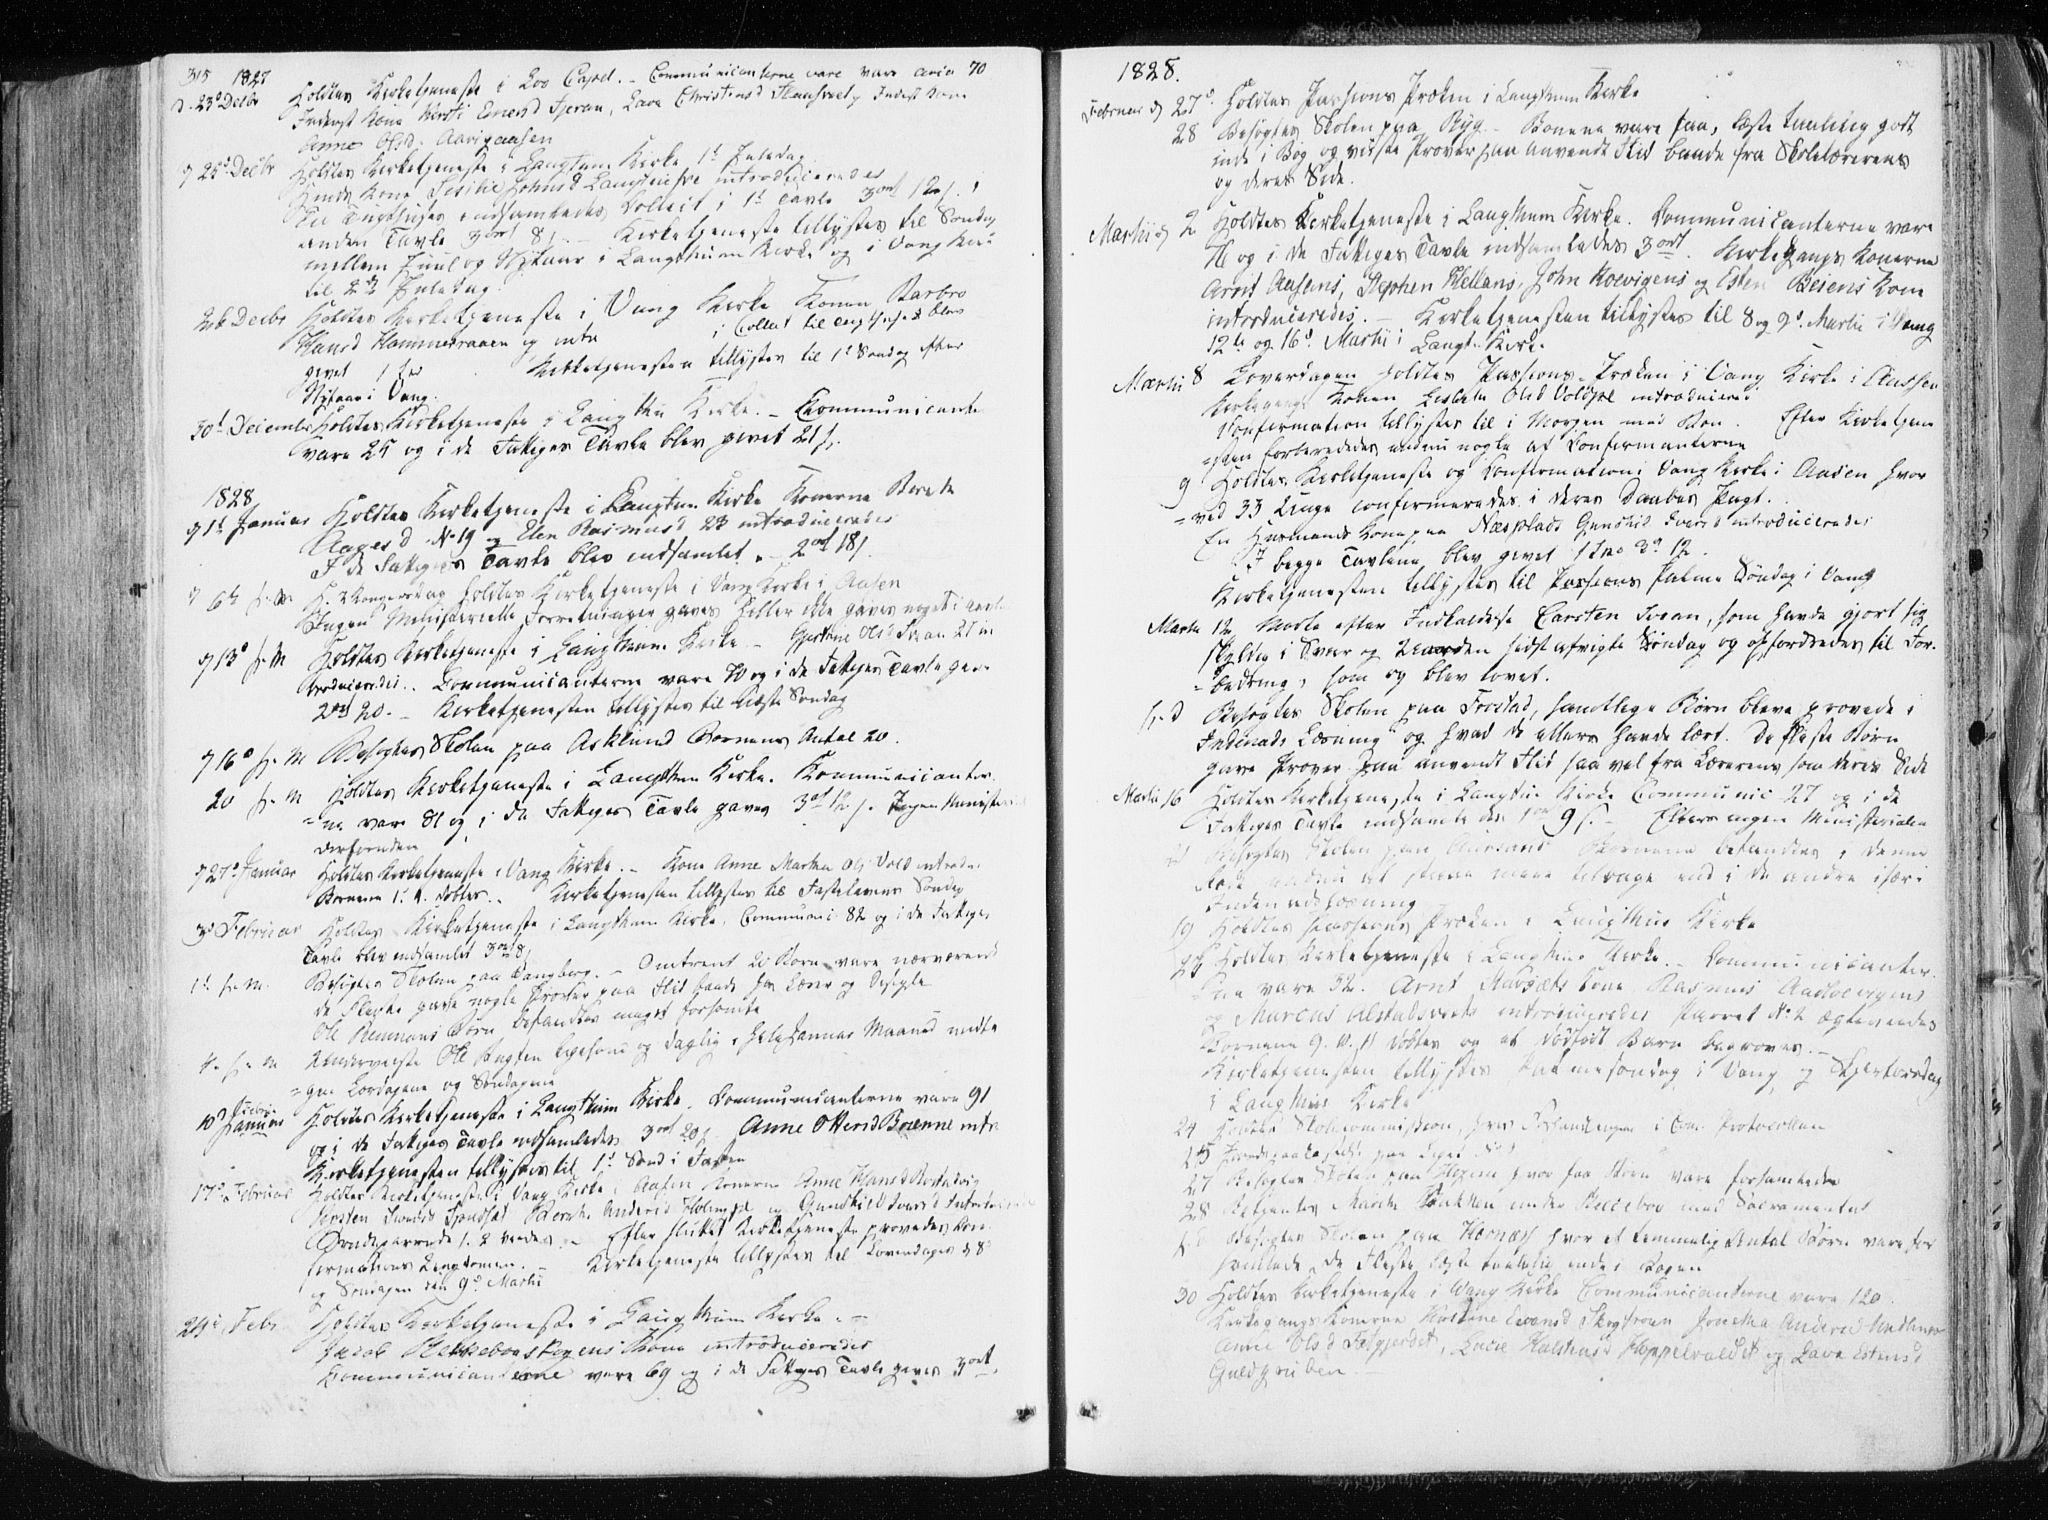 SAT, Ministerialprotokoller, klokkerbøker og fødselsregistre - Nord-Trøndelag, 713/L0114: Ministerialbok nr. 713A05, 1827-1839, s. 315